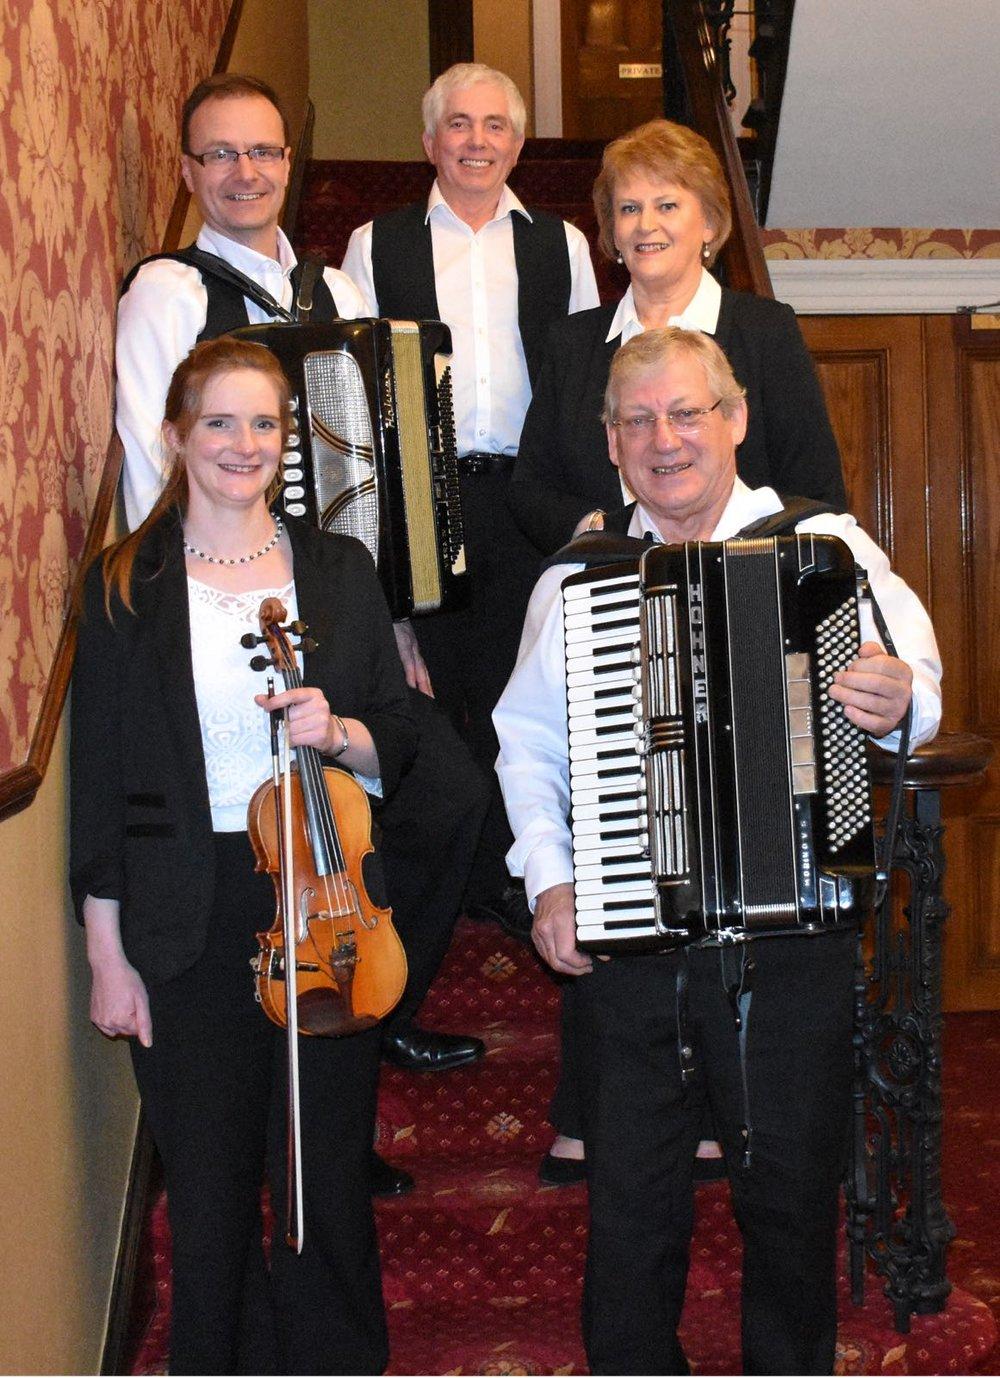 John Stuart Ceilidh Band